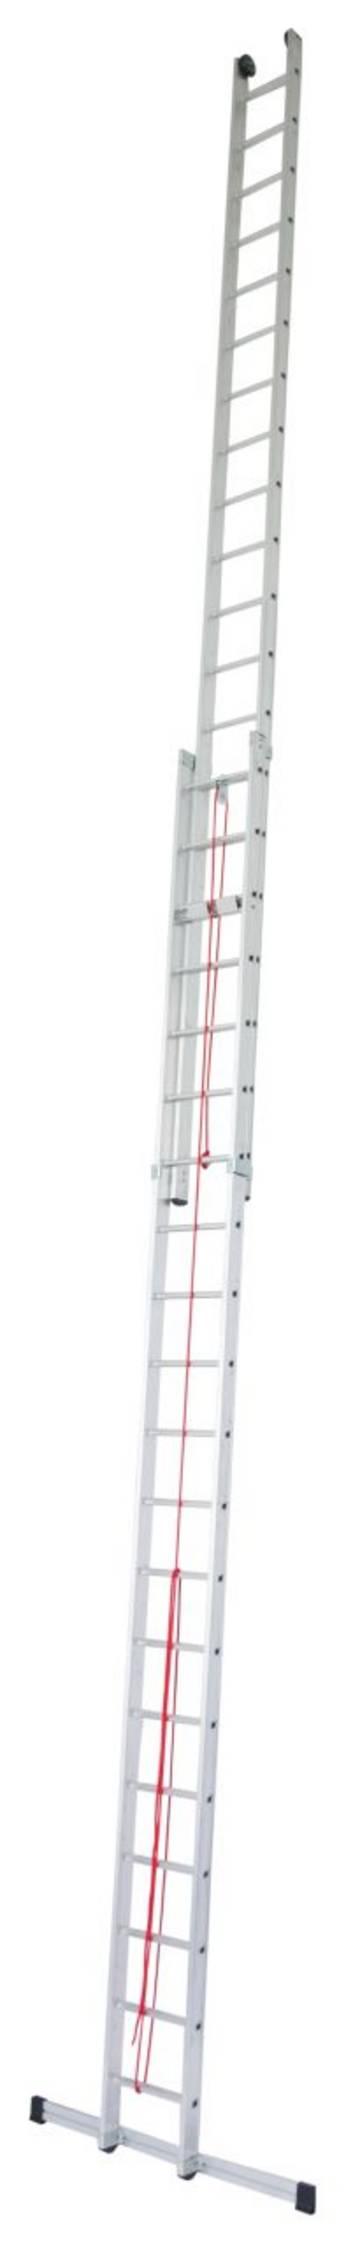 Rozsuwana linką dwuelementowa drabina przystawna  do profesjonalnego wykorzystania, z rolkami przyściennymi dla łatwej zmiany wysokości roboczej (maksymalna 13,10 m).